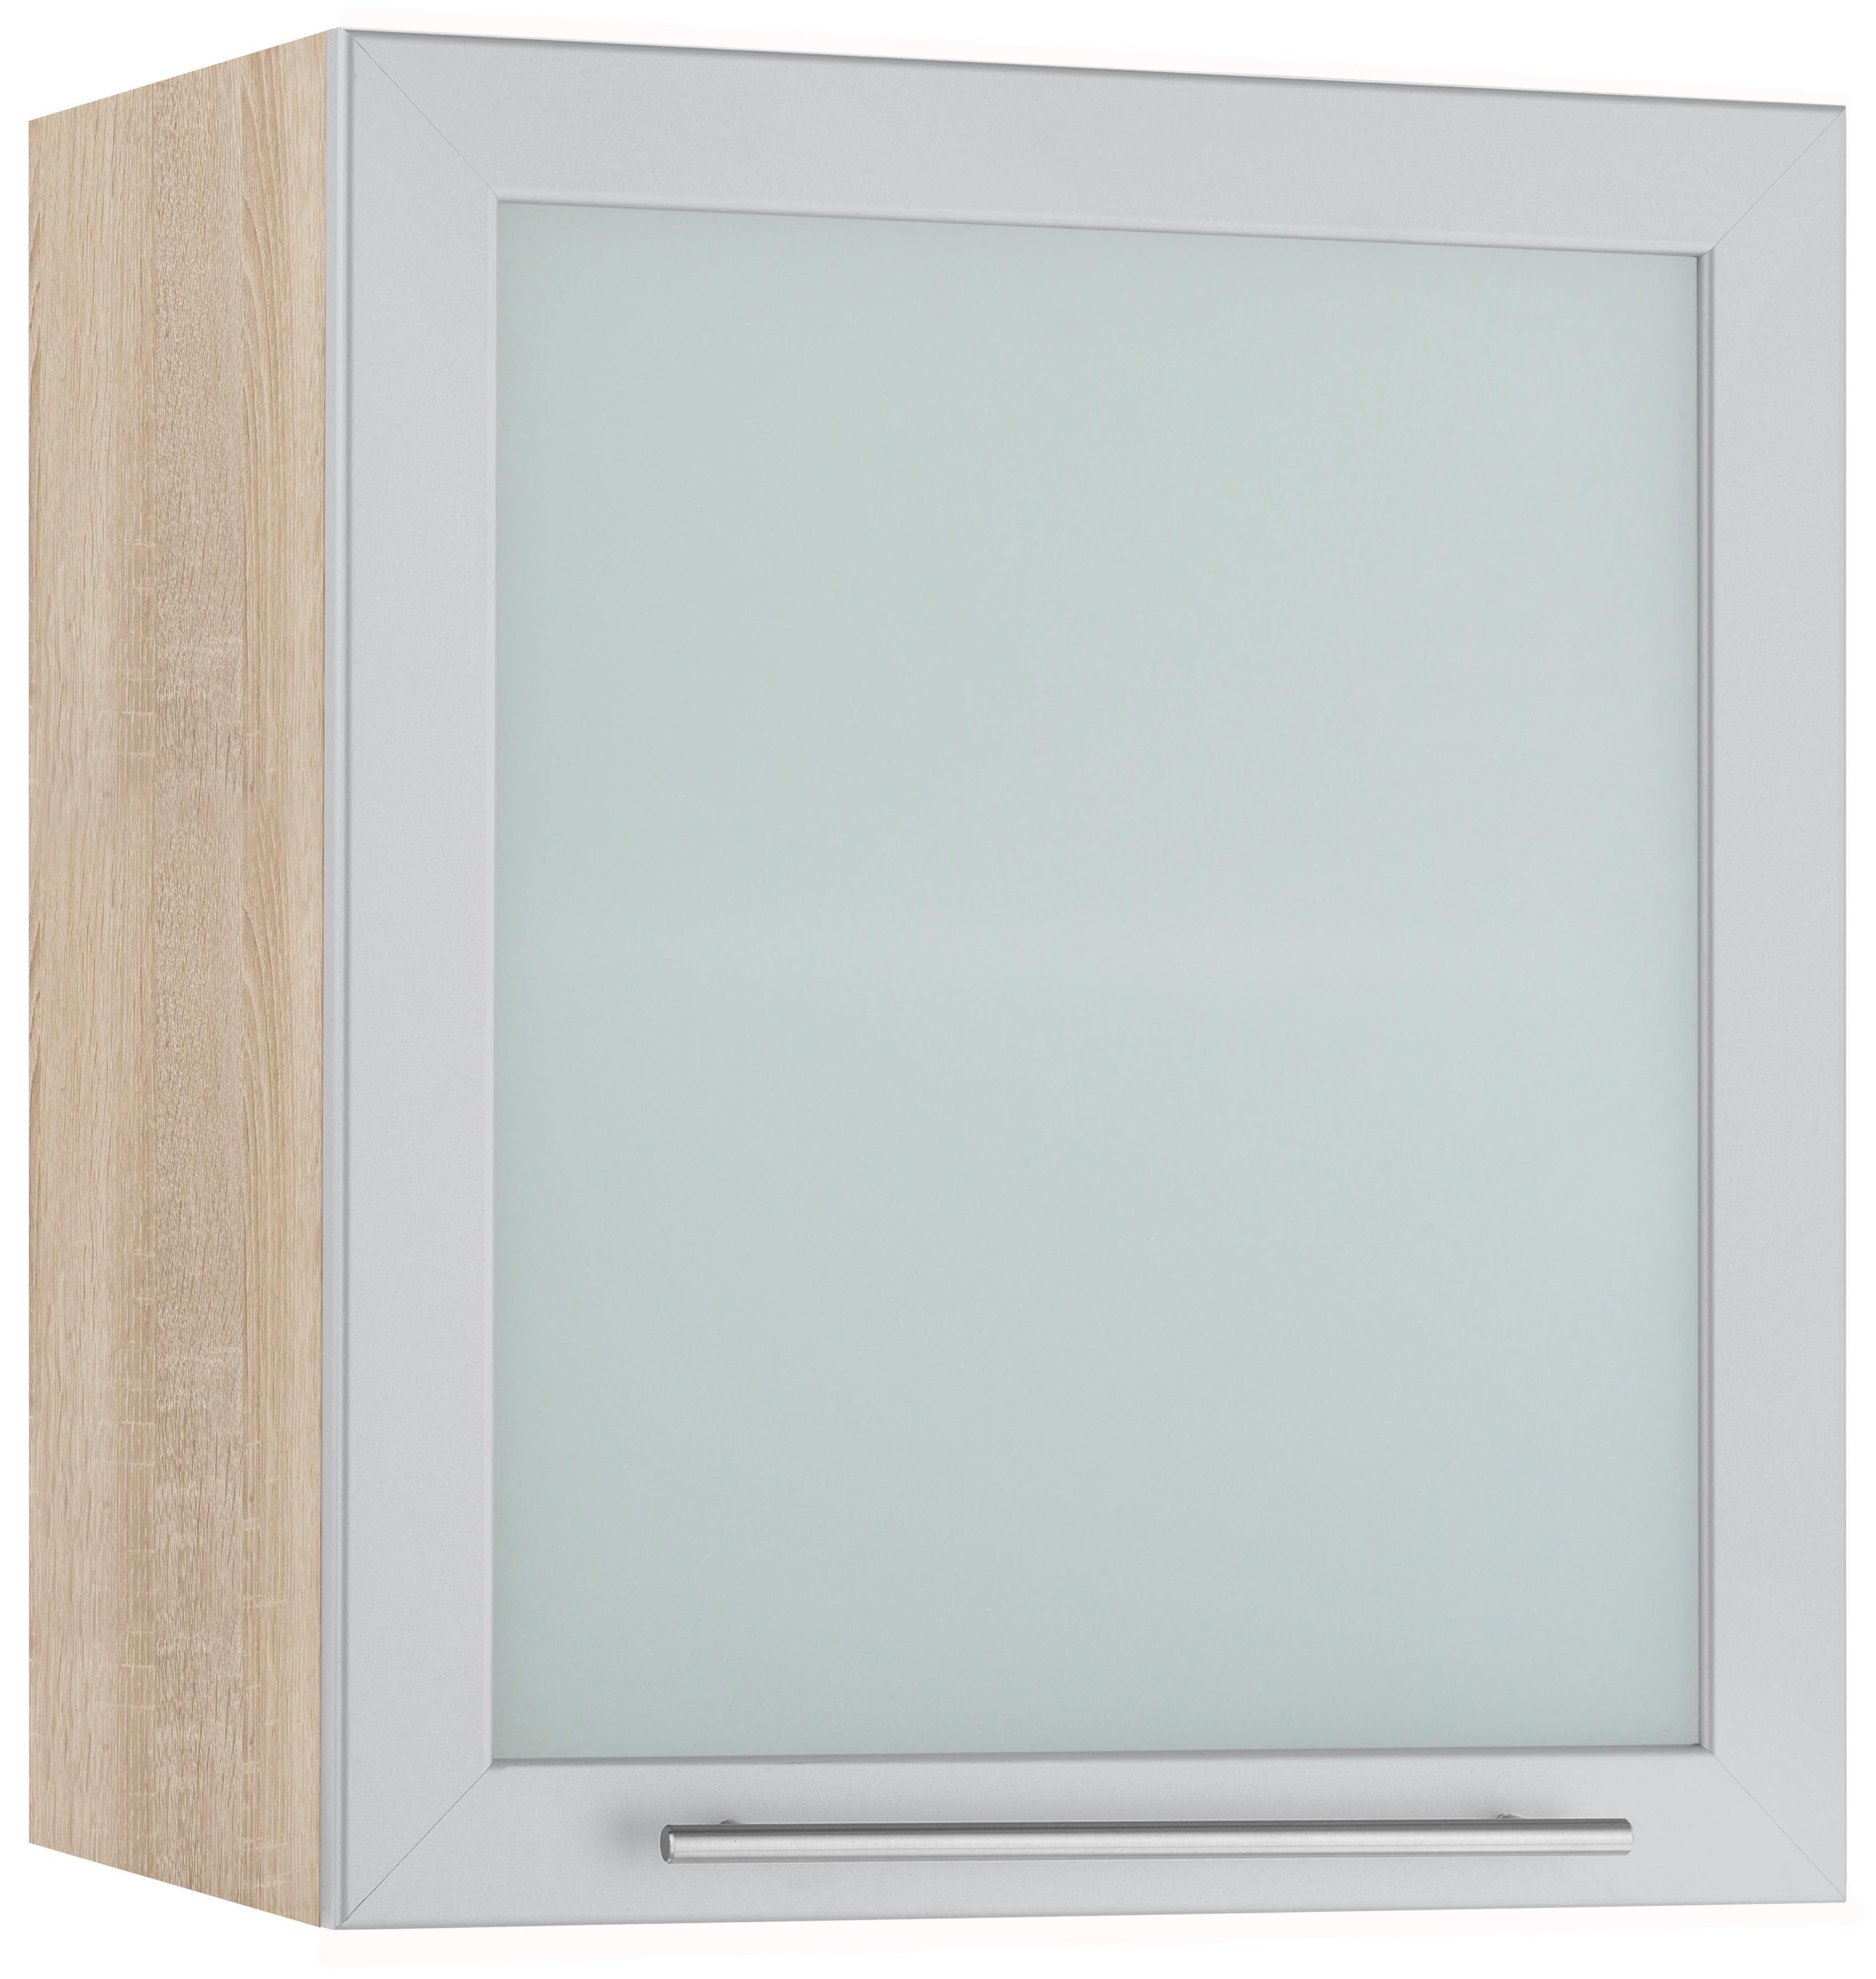 WIHO-Küchen Glashängeschrank »Flexi2«, Breite 50 cm   Wohnzimmer > Schränke > Weitere Schränke   Glanz   Melamin   wiho Küchen